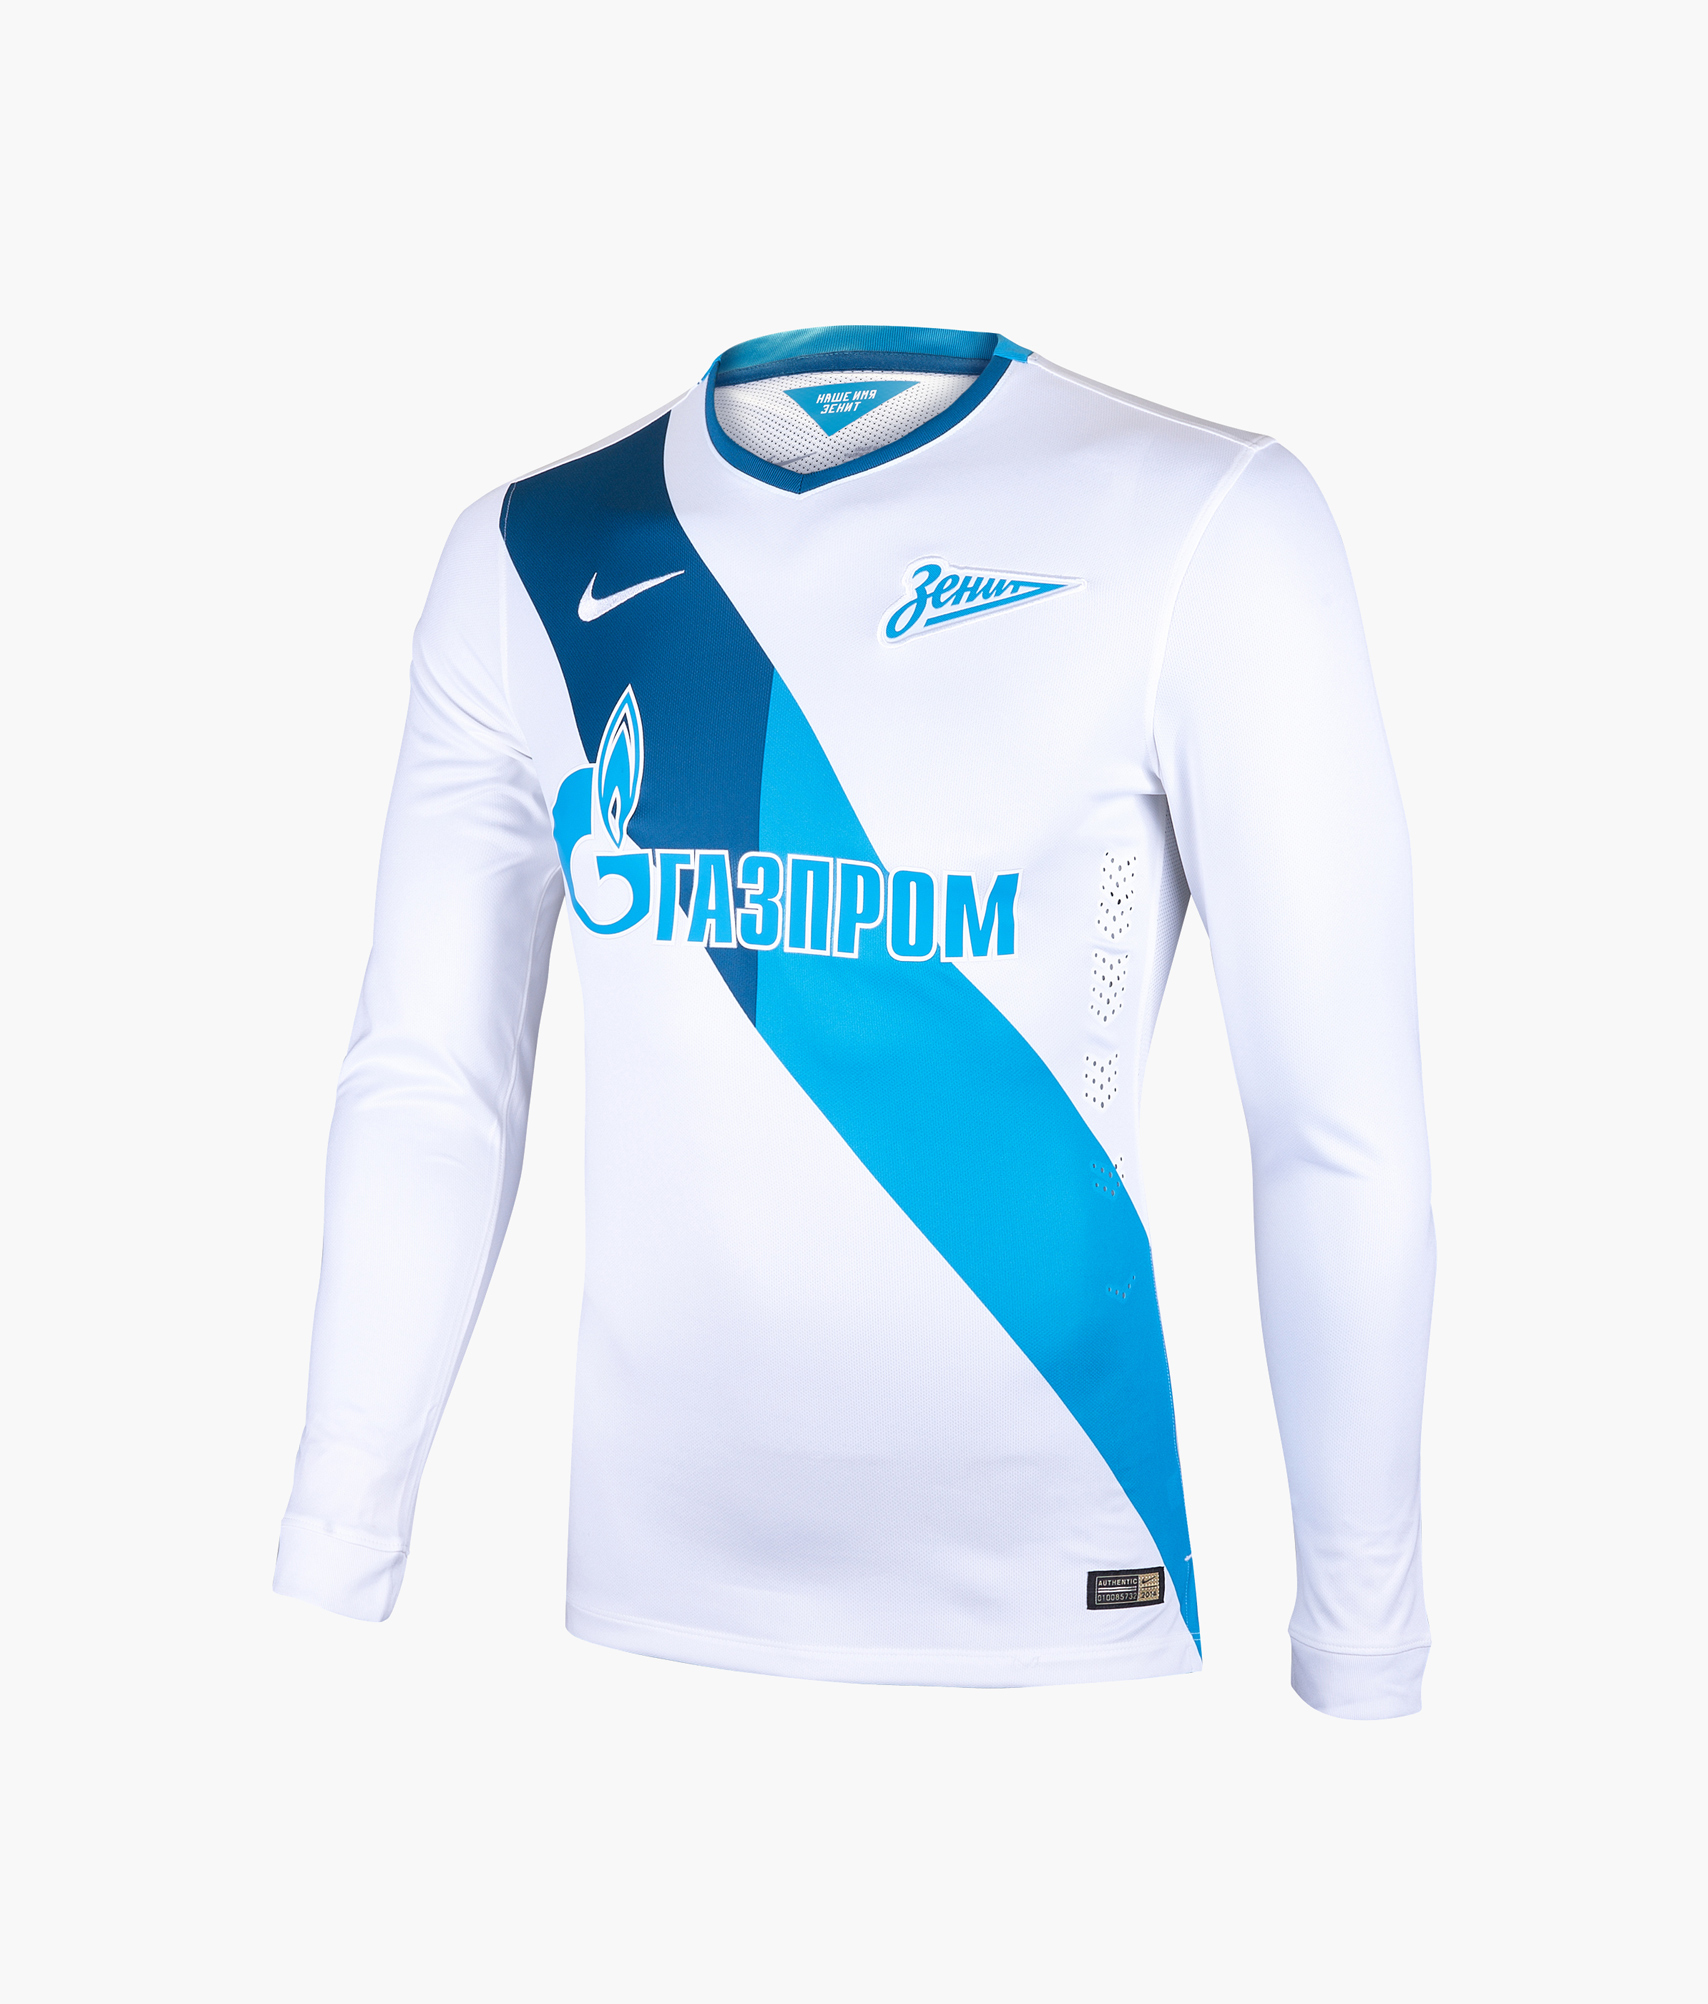 Оригинальная выездная футболка Зенит Цвет-Белый игровая выездная футболка цвет белый размер l